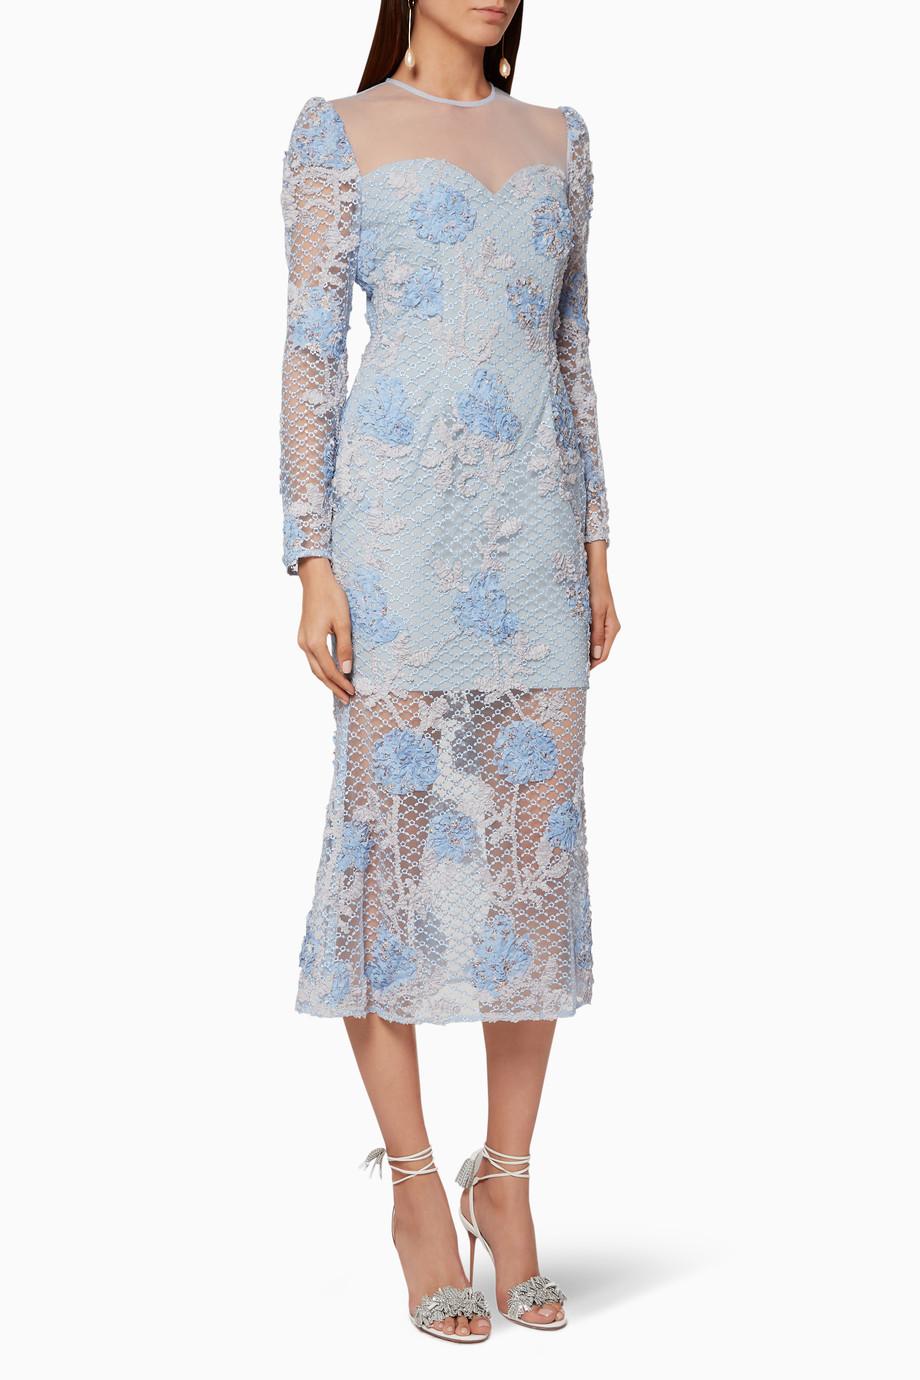 b4e8f82fc51 Shop Elliatt Blue Light-Blue Bordeaux Lace Midi Dress for Women ...